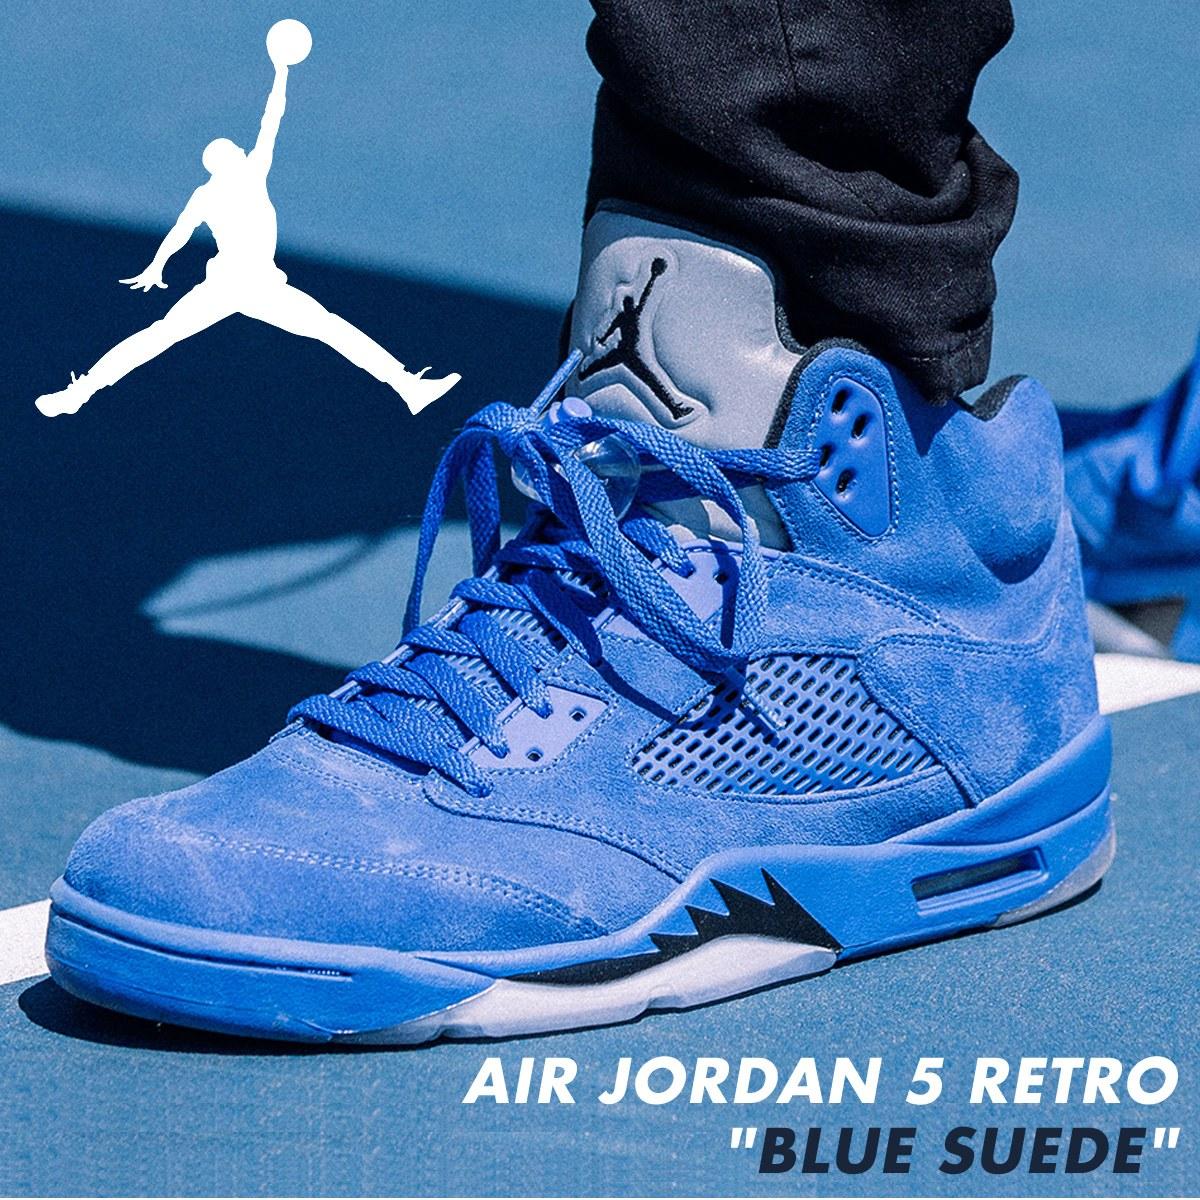 promo code 85311 76201 NIKE Nike Air Jordan 5 nostalgic sneakers AIR JORDAN 5 RETRO BLUE SUEDE  136,027-401 men's shoes blue